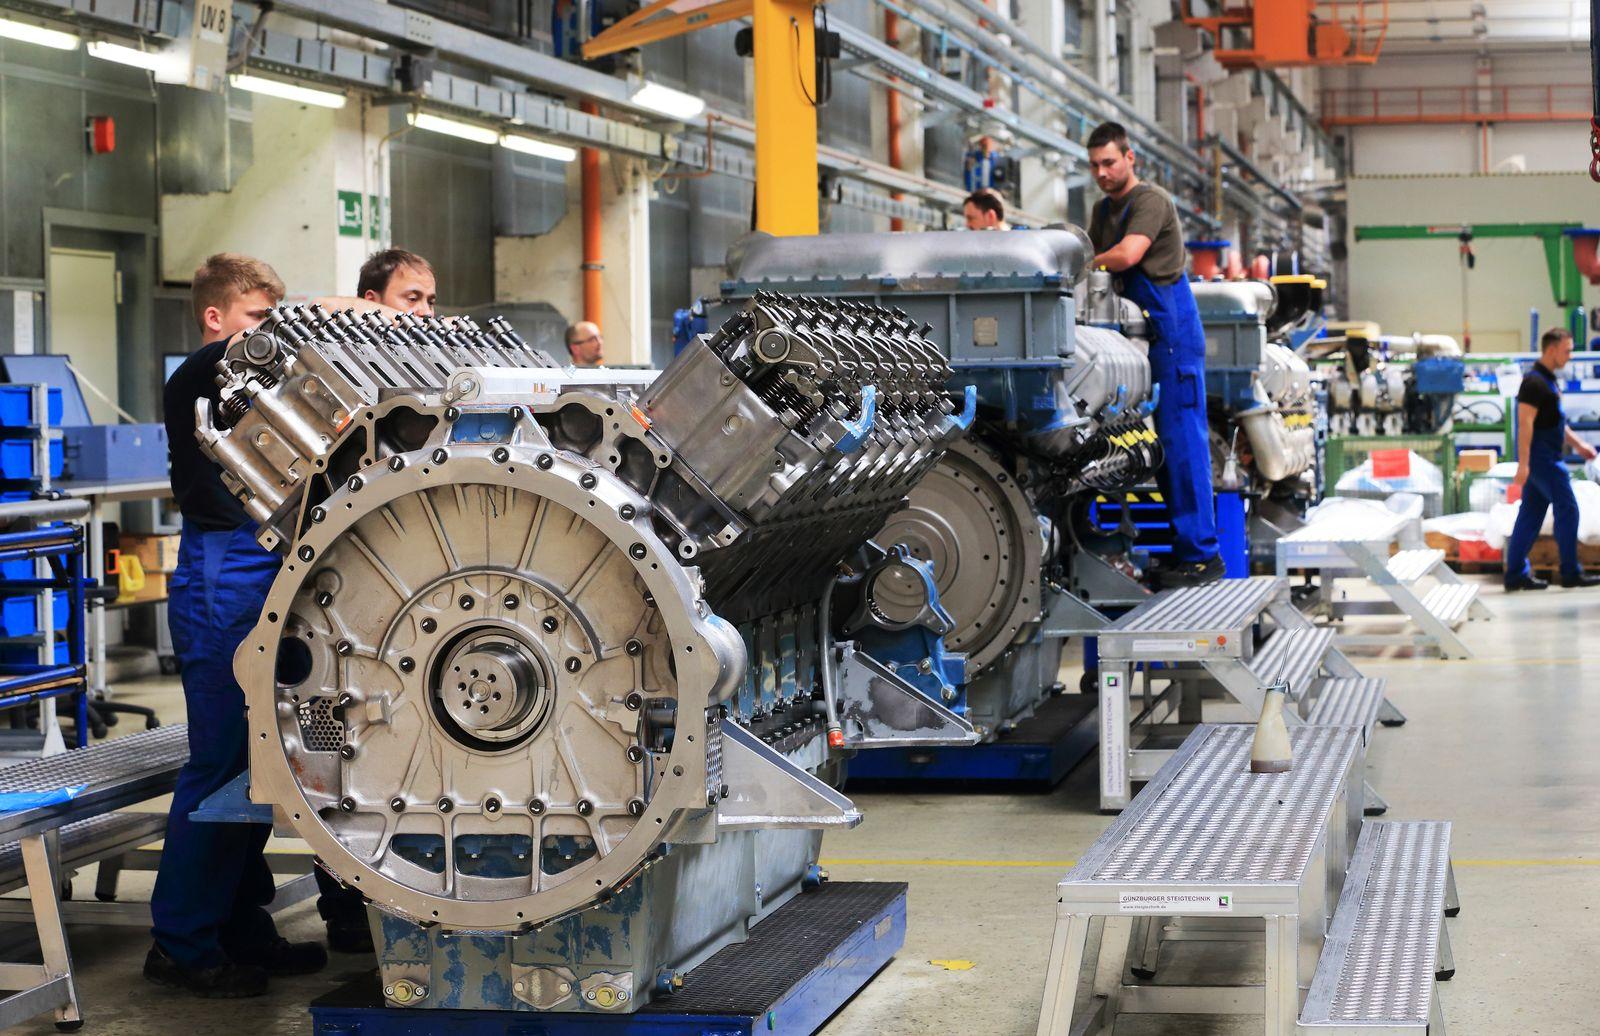 Maschinenbau in Ostdeutschland